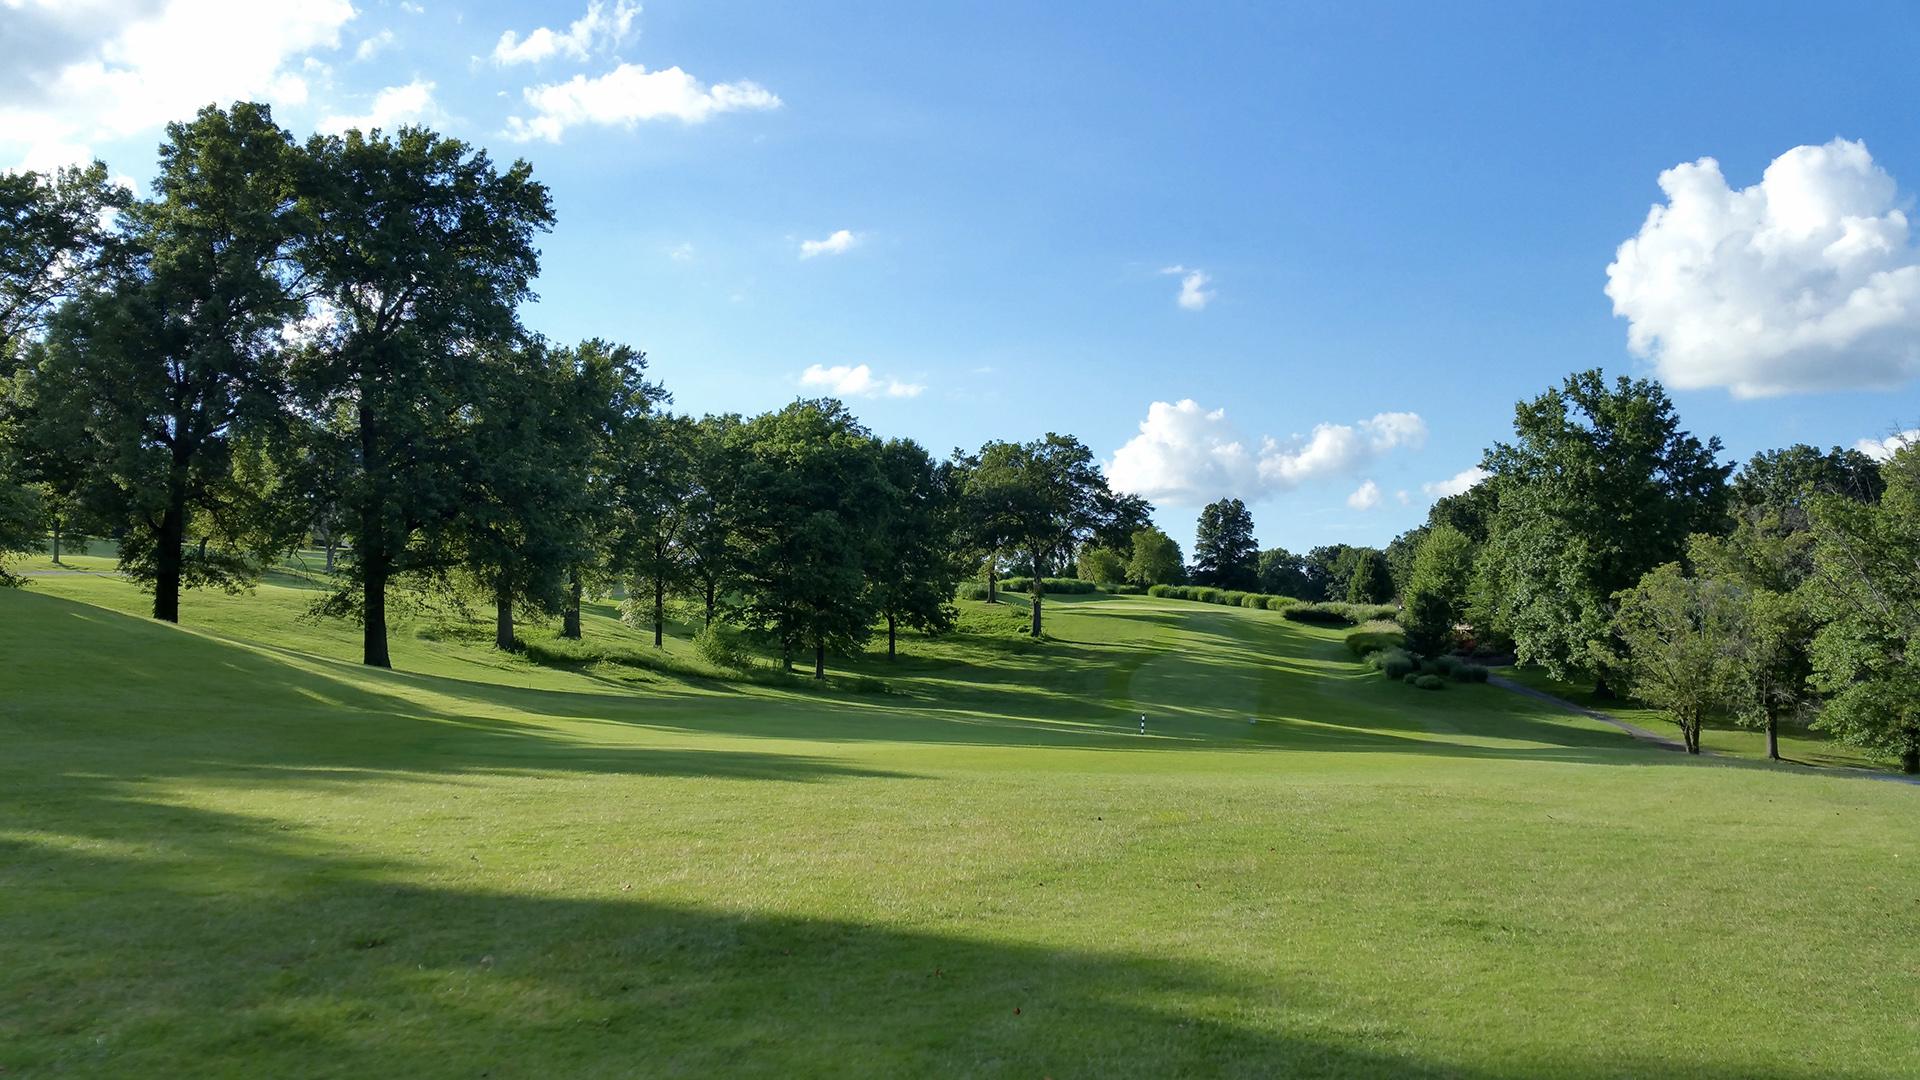 Florissant city golf course, Florissant Missouri